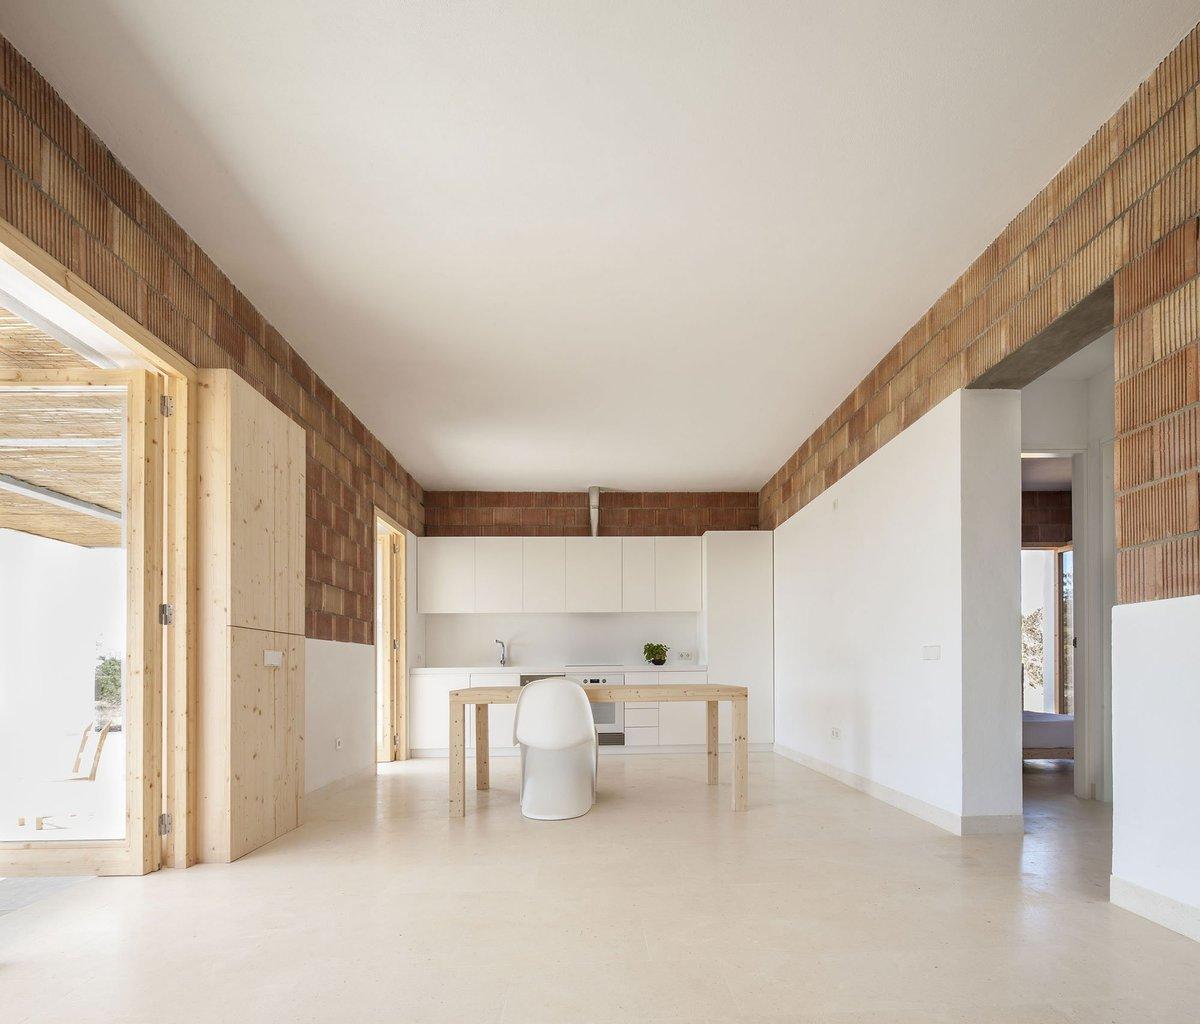 Белая минималистская кухня расположена в торце жилой комнаты и не доминирует в интерьере.